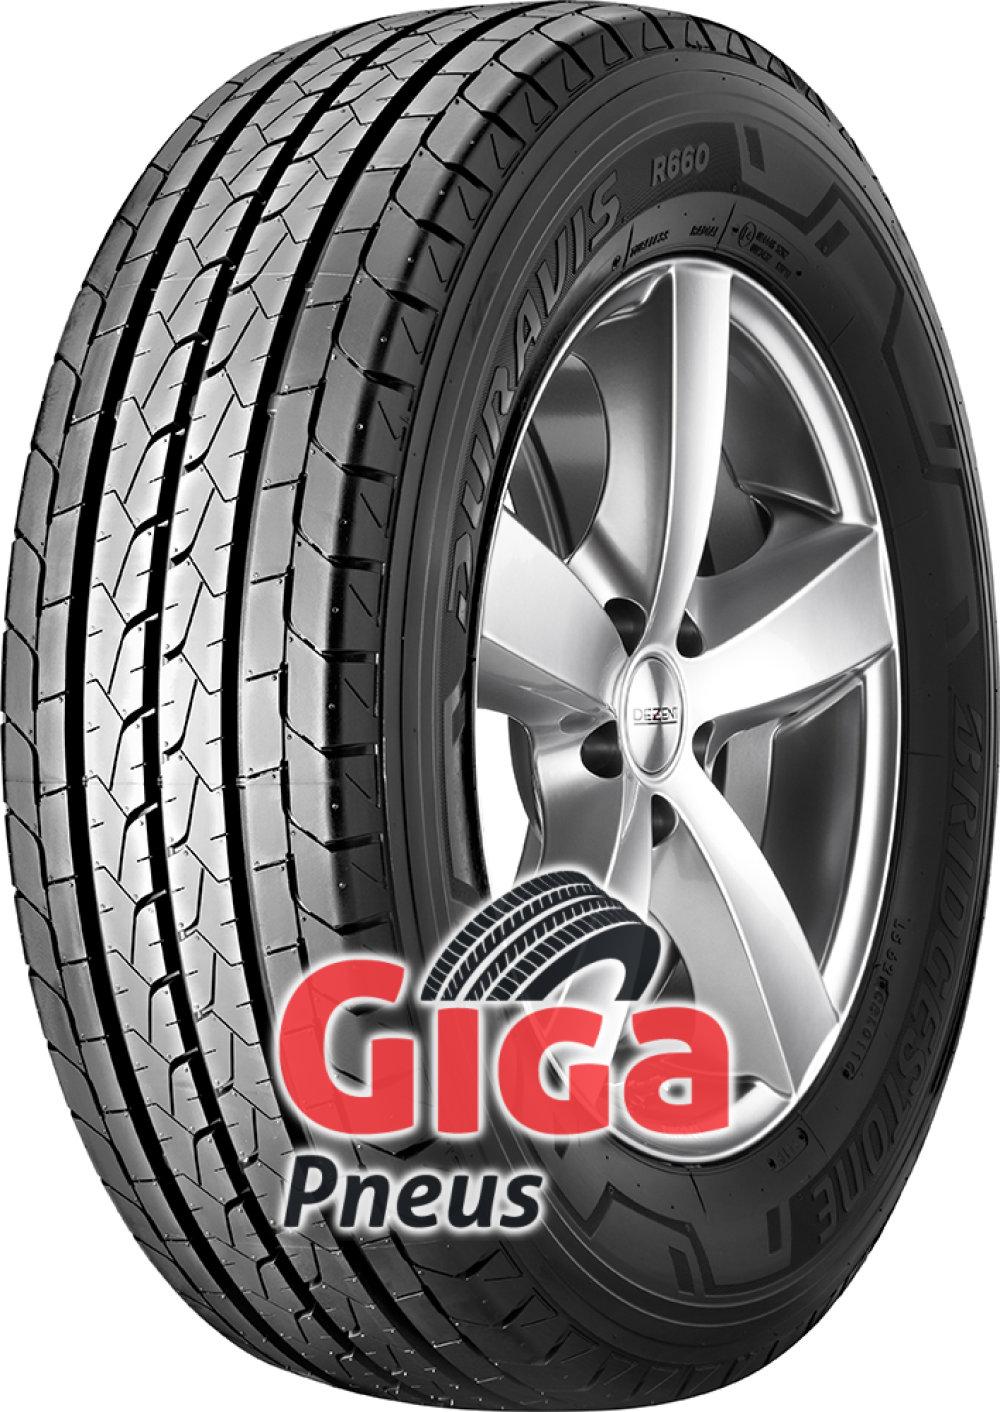 Bridgestone Duravis R660 ( 215/70 R15C 109/107S )